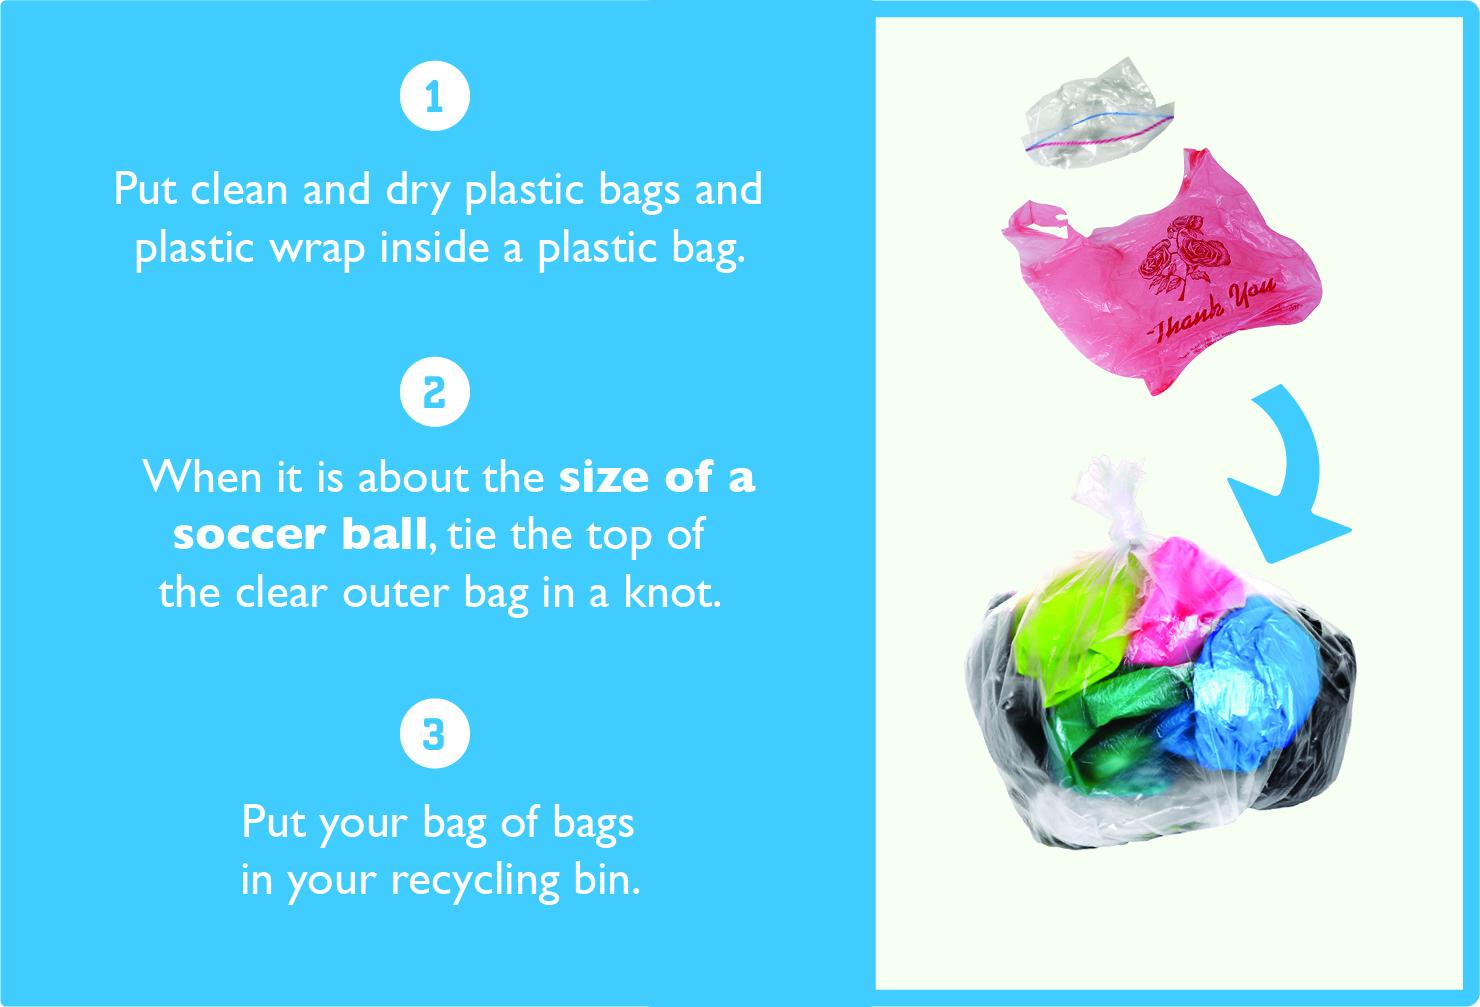 PlasticBags-1